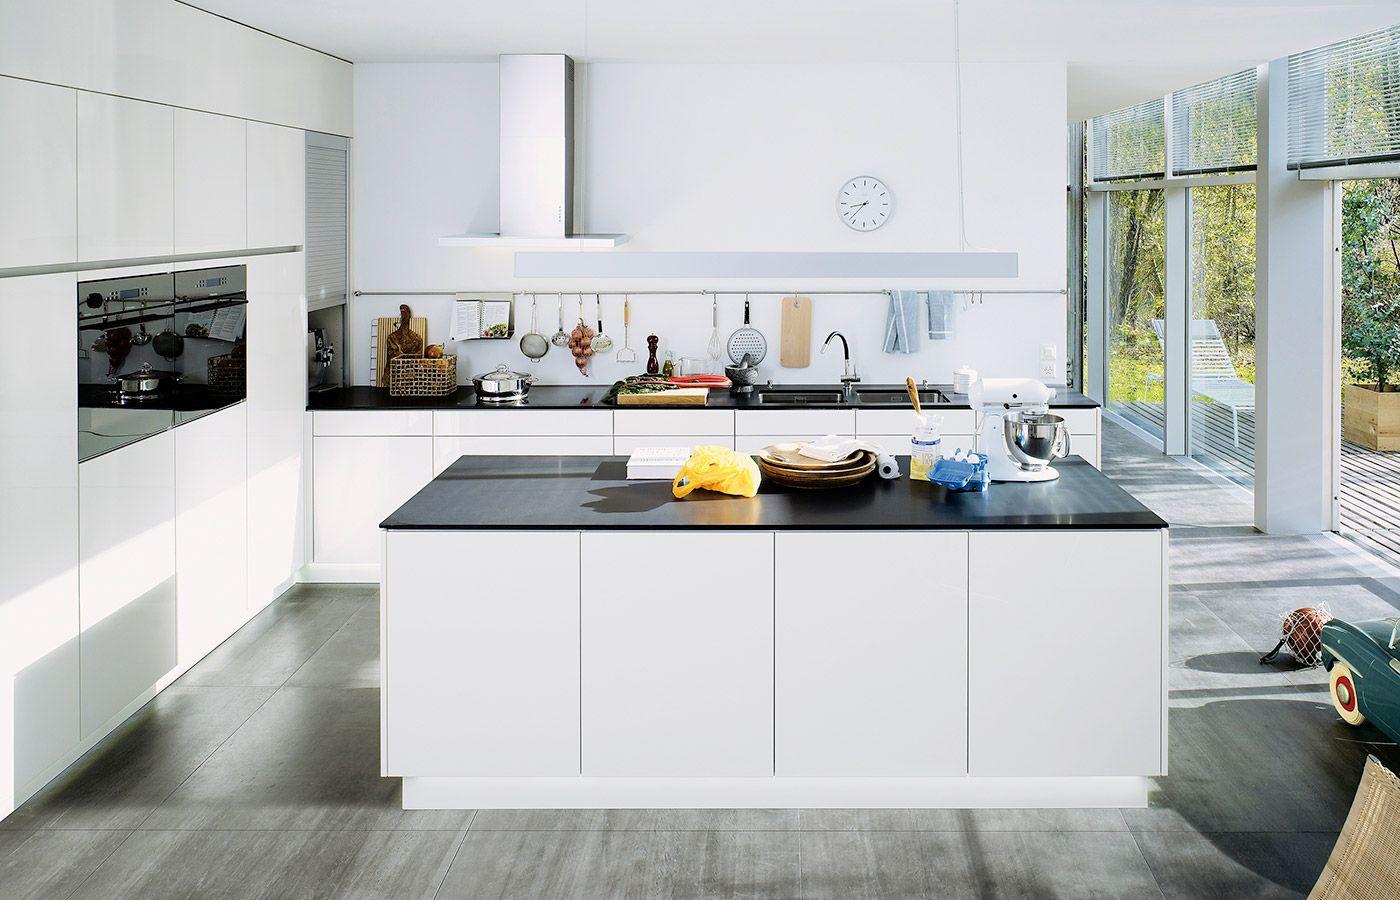 Großartig Küche Designs Fotogalerie Uk Zeitgenössisch ...